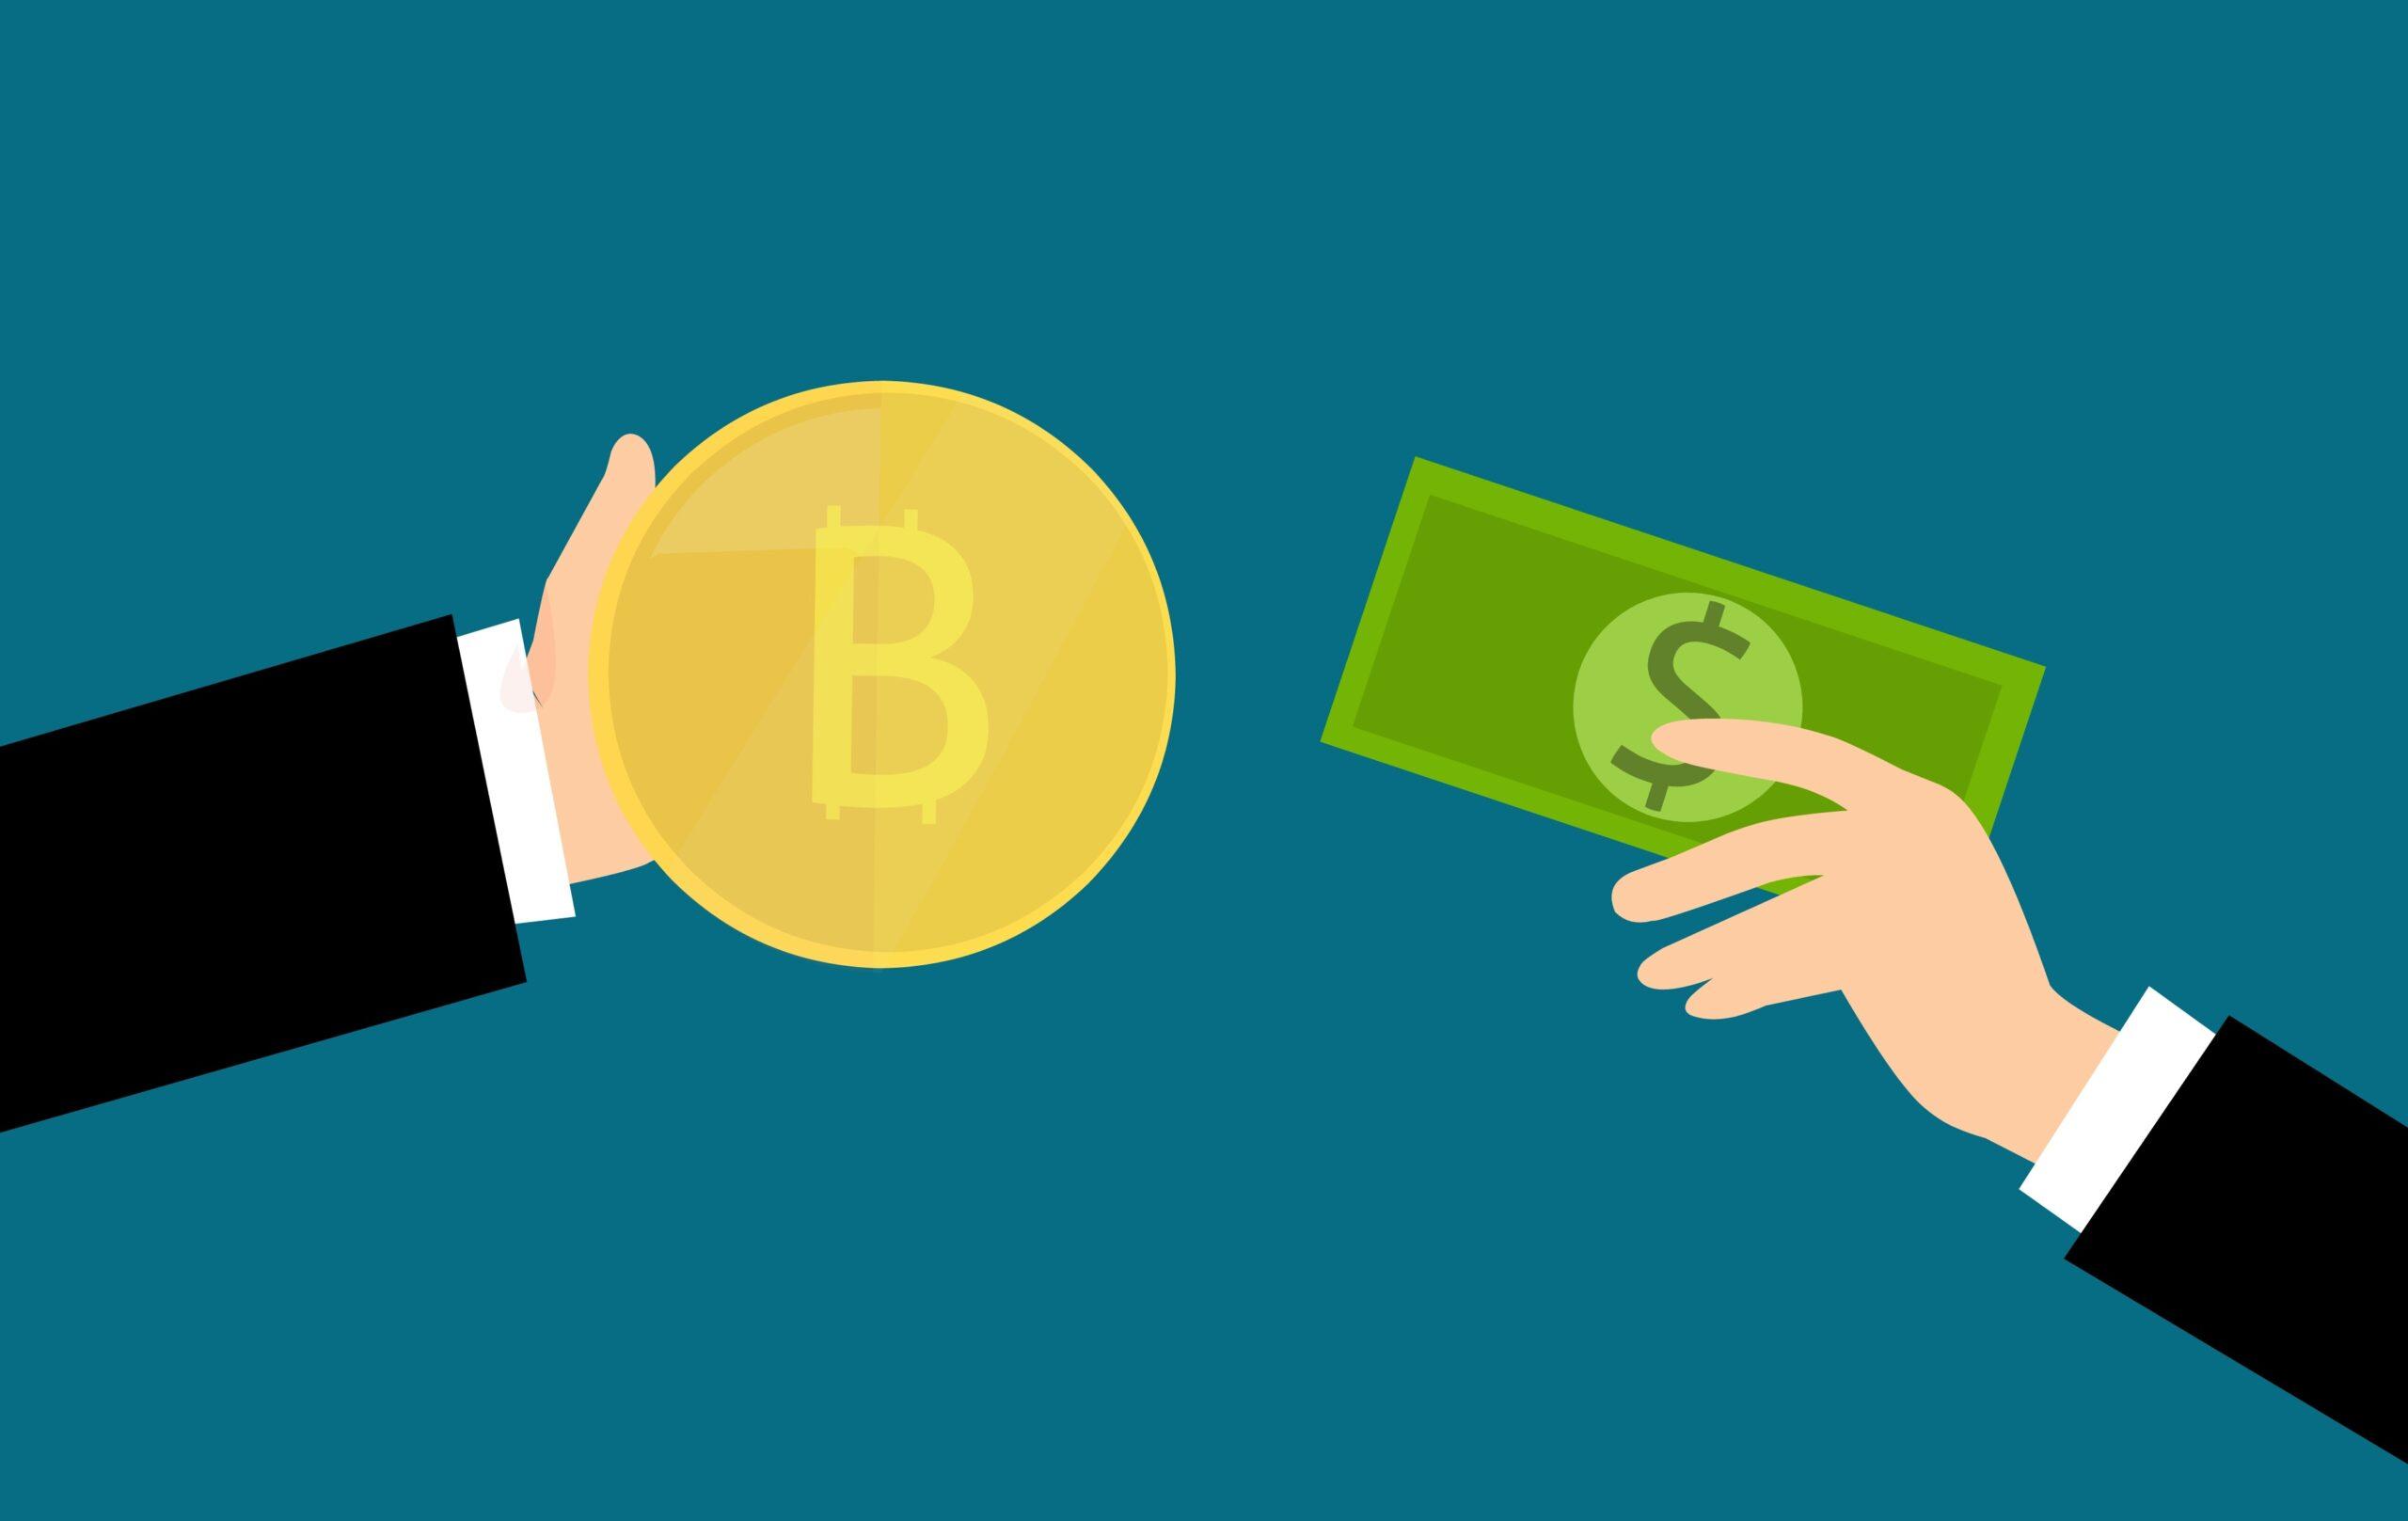 Come guadagnare soldi online in uae negoziazione di criptovalute fumgo